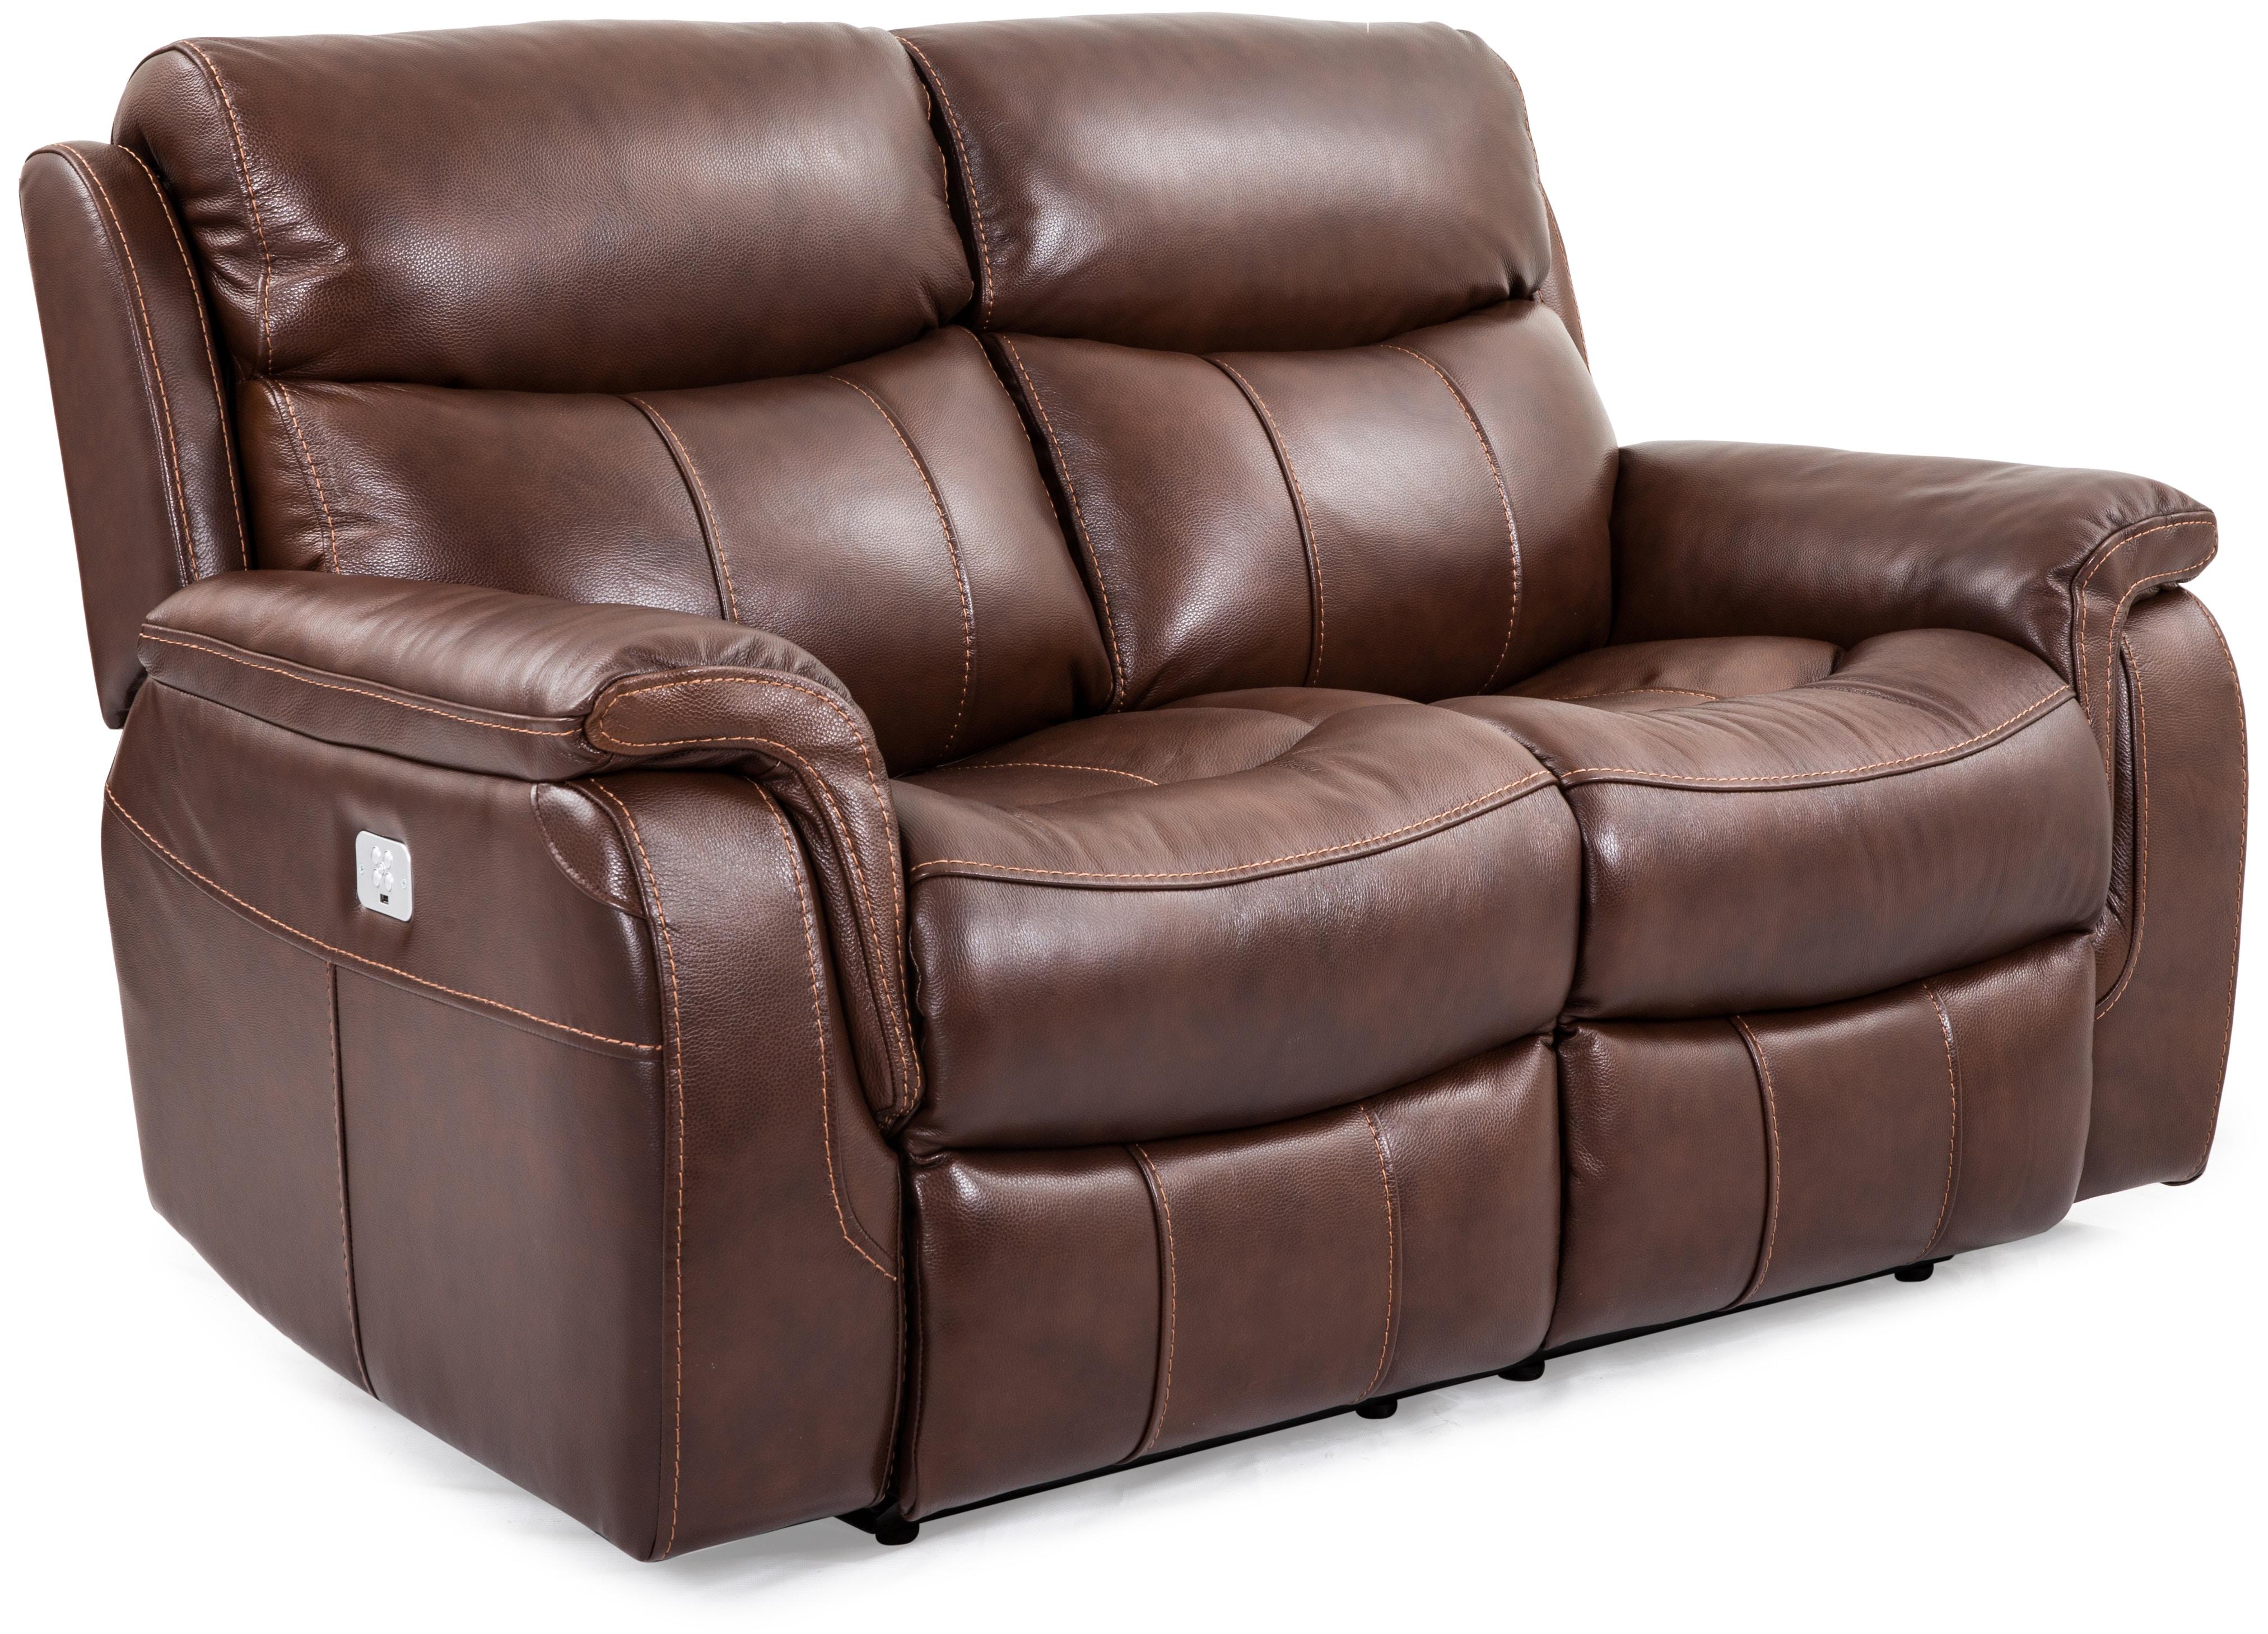 waylen power motion dual reclining loveseat brown